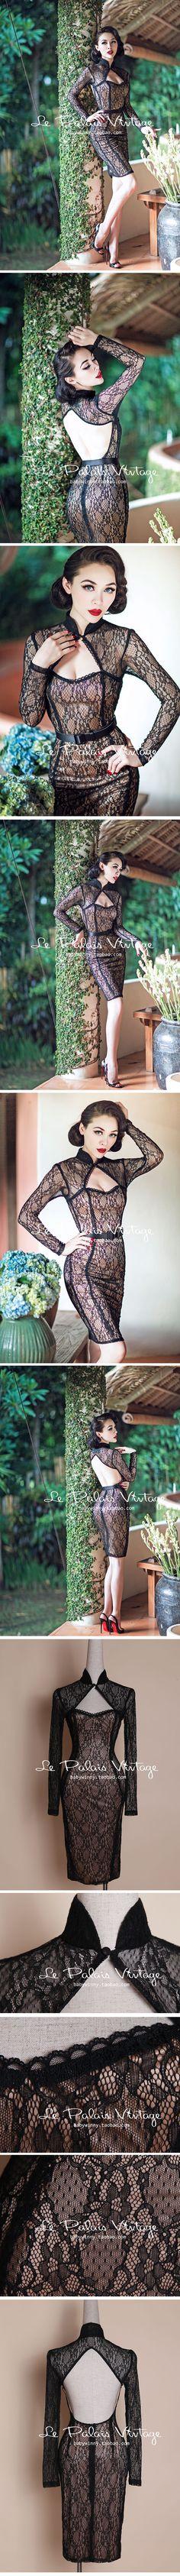 le palais vintage限量複古黑色蕾絲性感透視低胸露背緊身旗袍0.2-淘寶台灣,萬能的淘寶